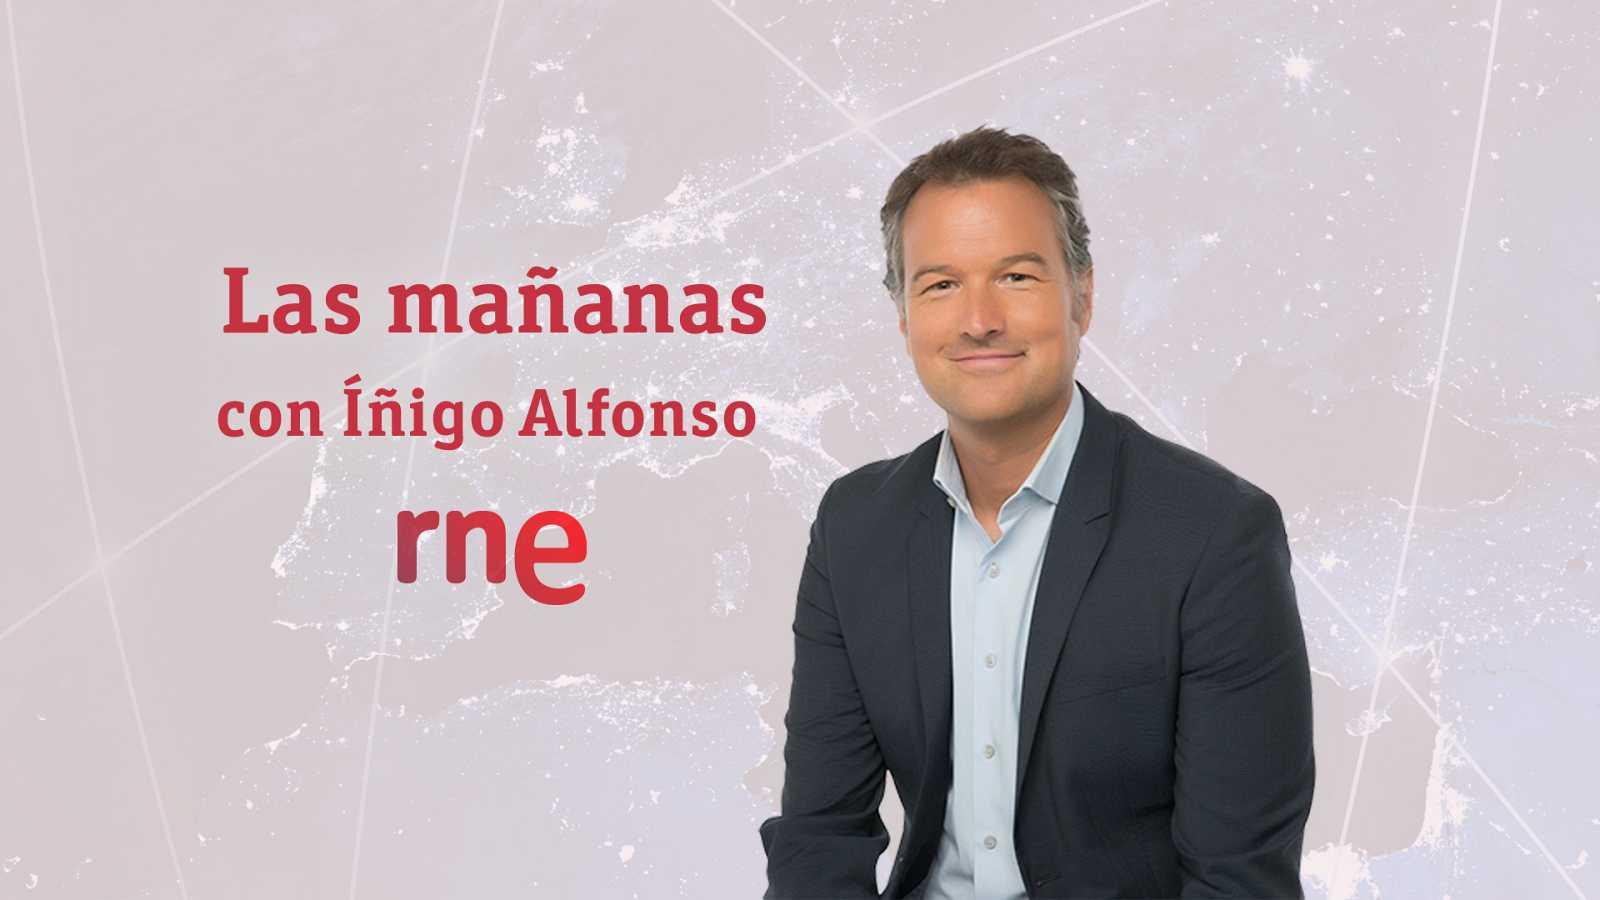 Las mañanas de RNE con Íñigo Alfonso - Segunda hora - 04/12/20 - escuchar ahora